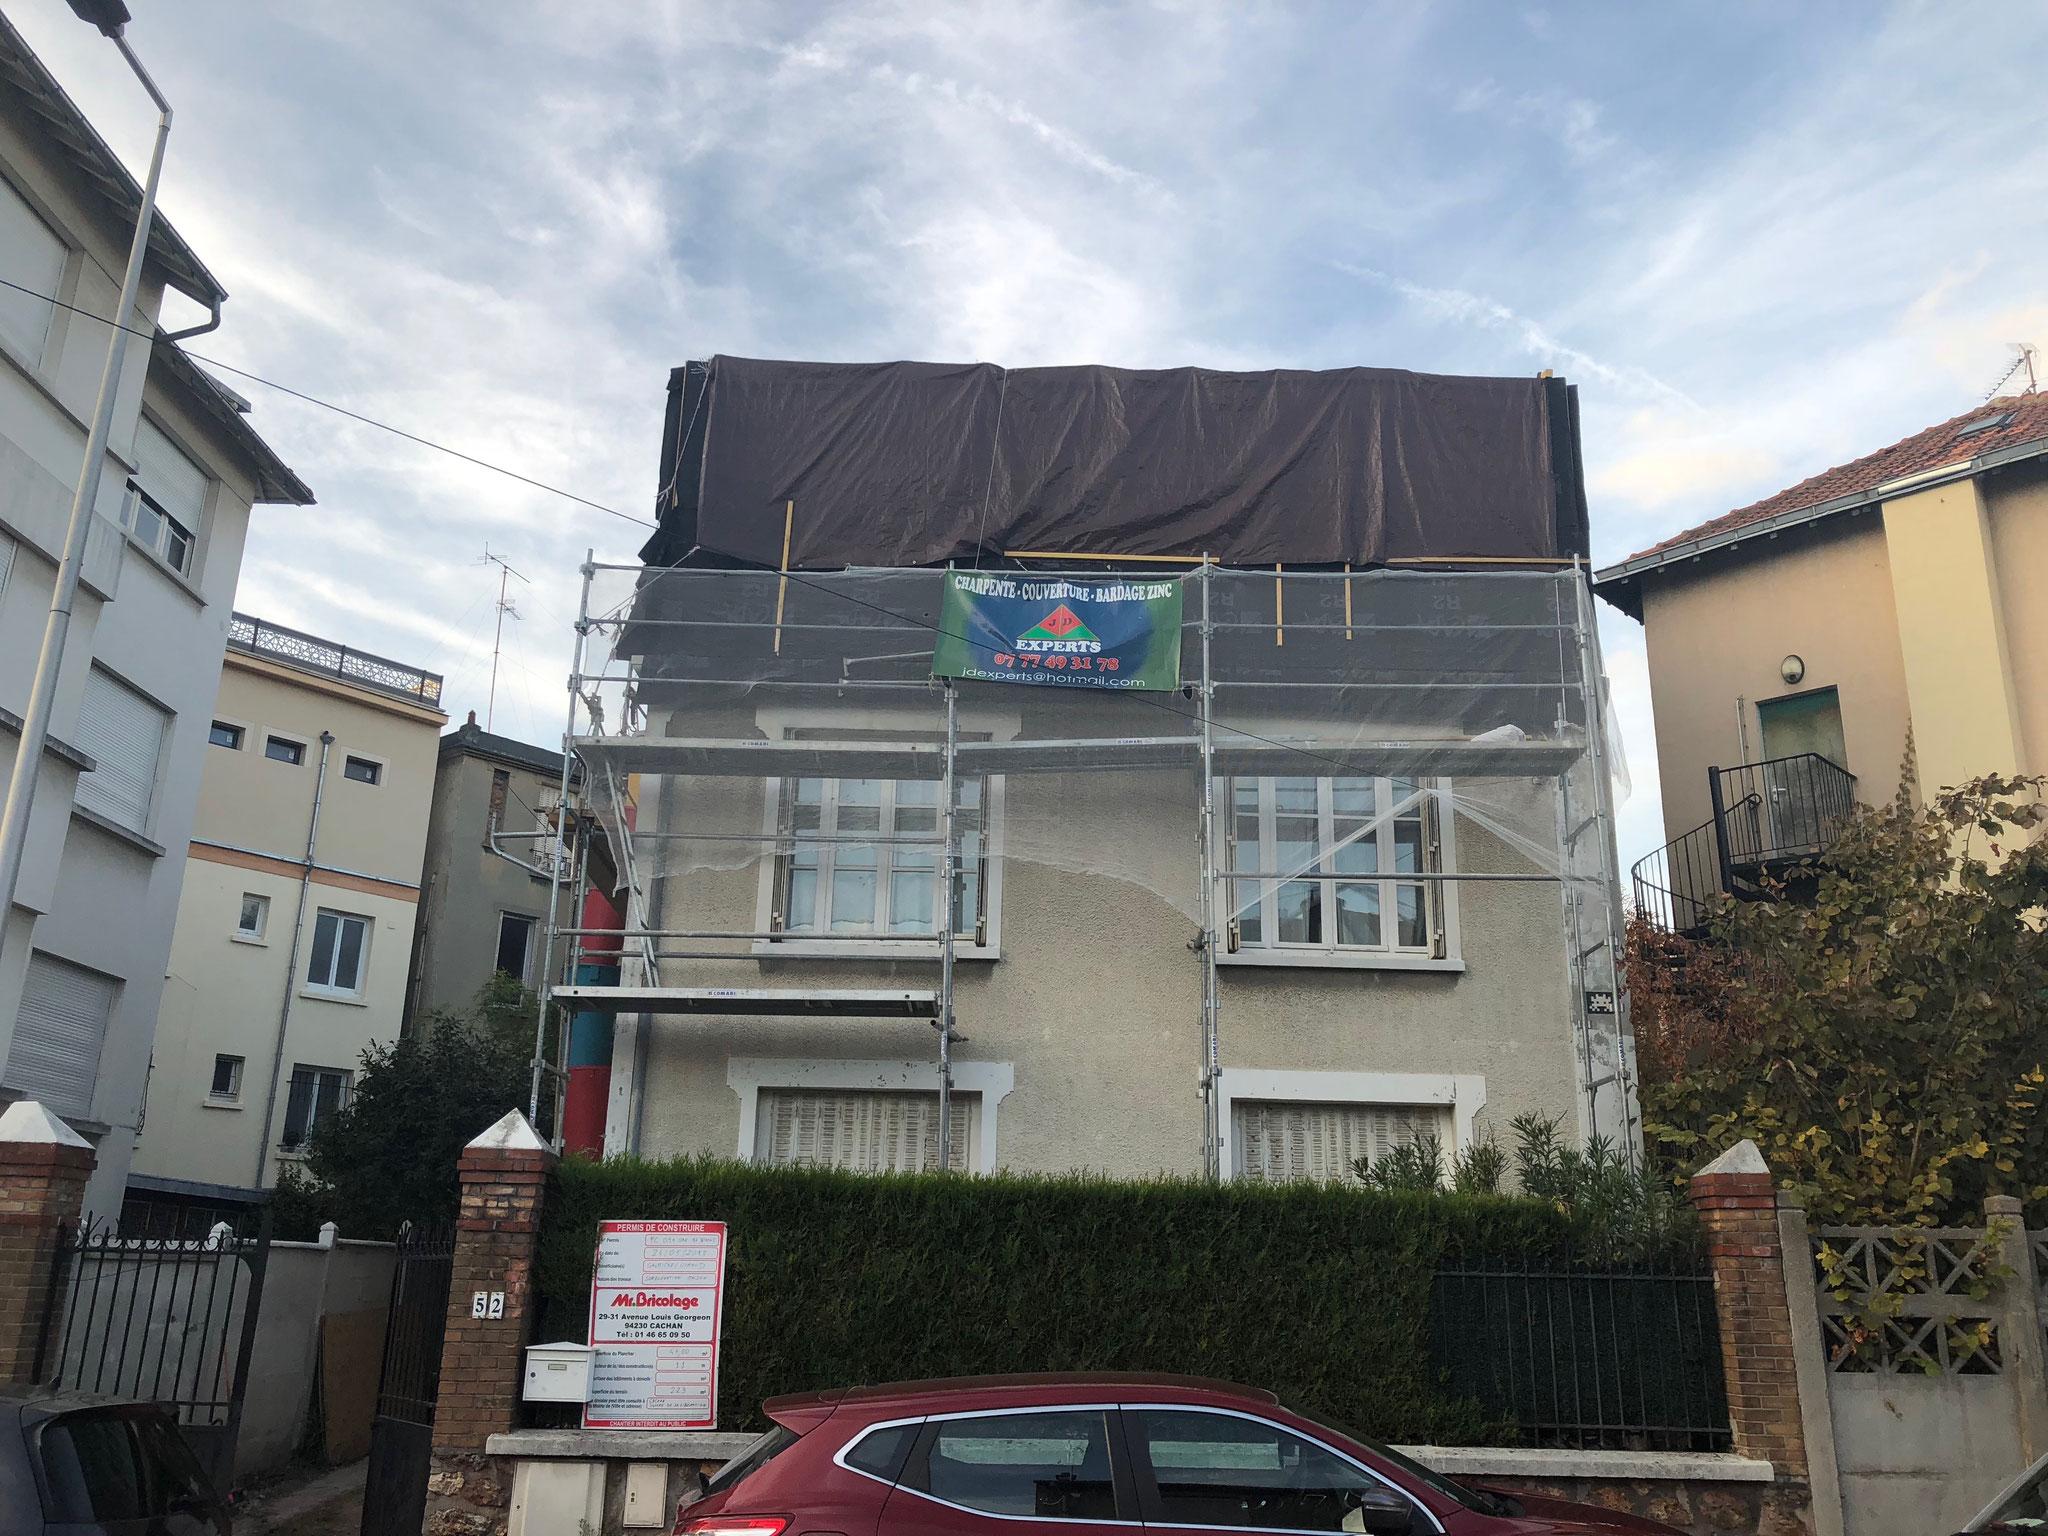 Extension bois en hauteur (région Paris) : expertise en cours de chantier, à distance - malfaçons